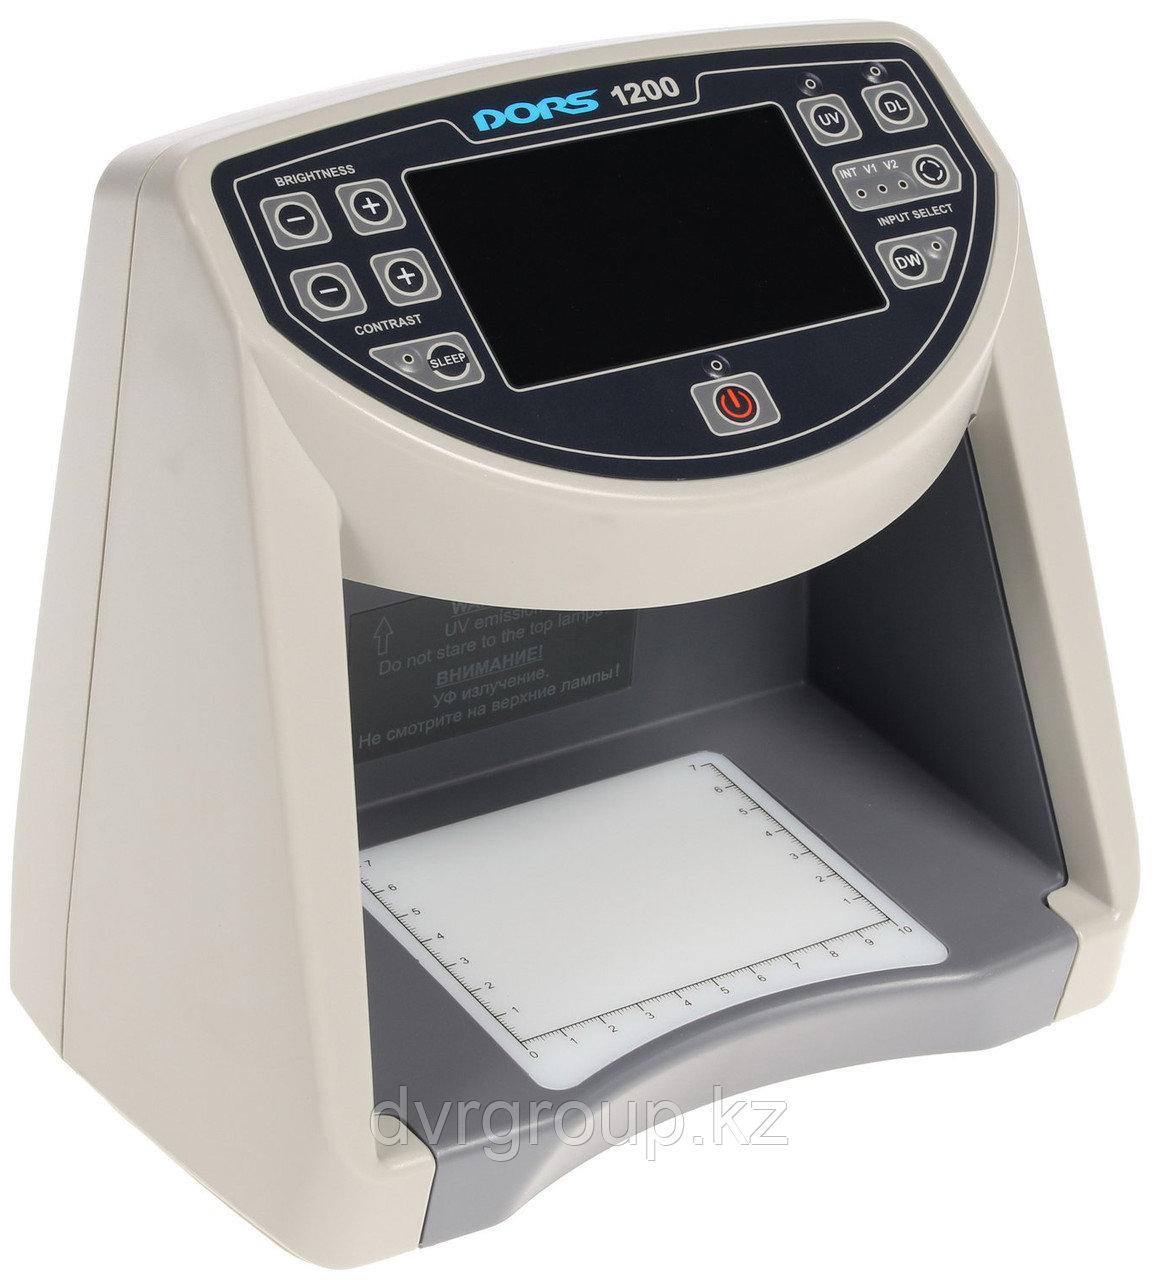 Детектор банкнот DORS 1200, универсальный просмотровый